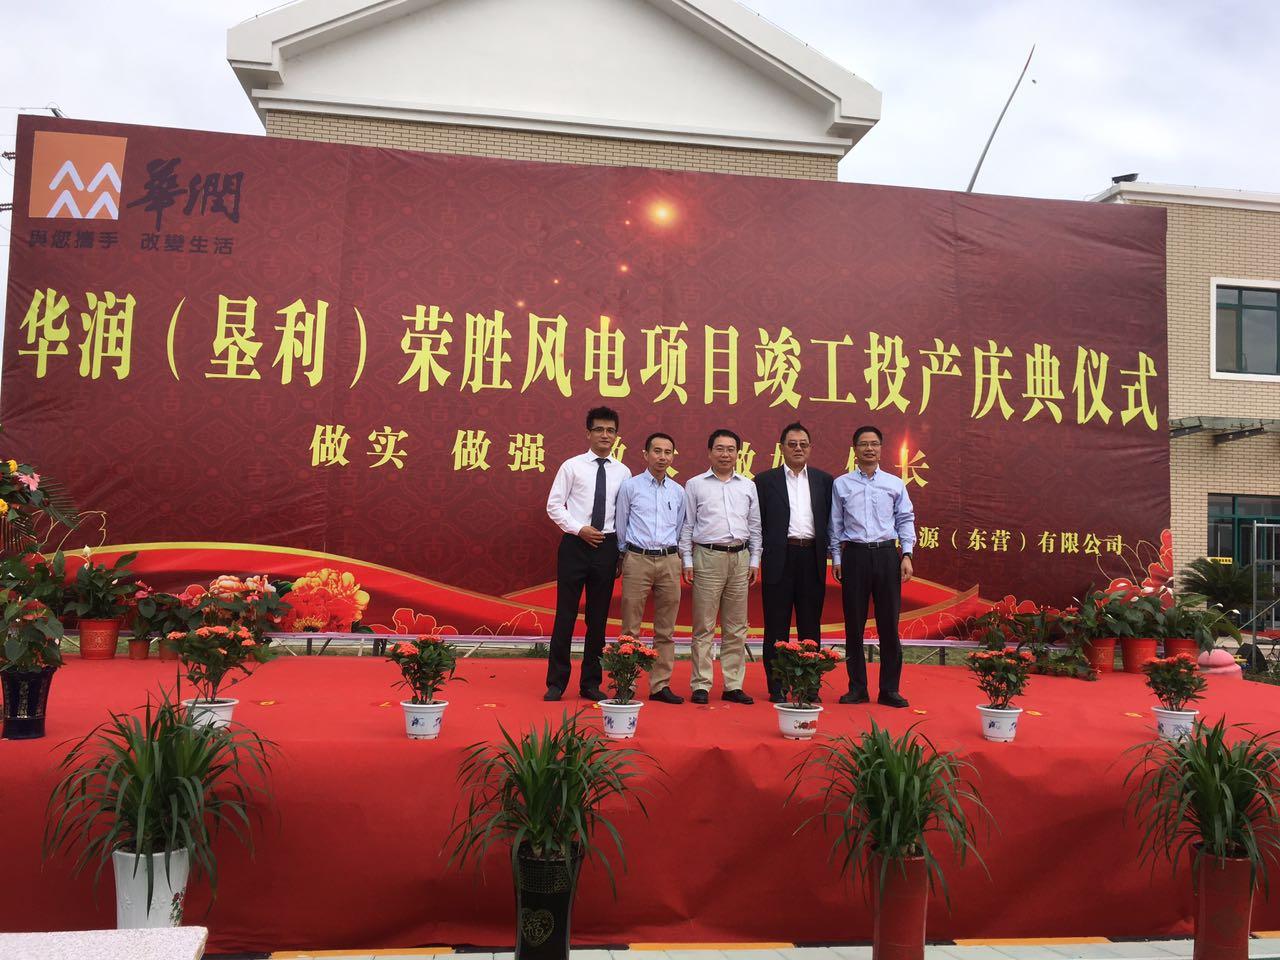 我公司参与施工的华润垦利荣盛风电项目举行竣工投产庆典仪式